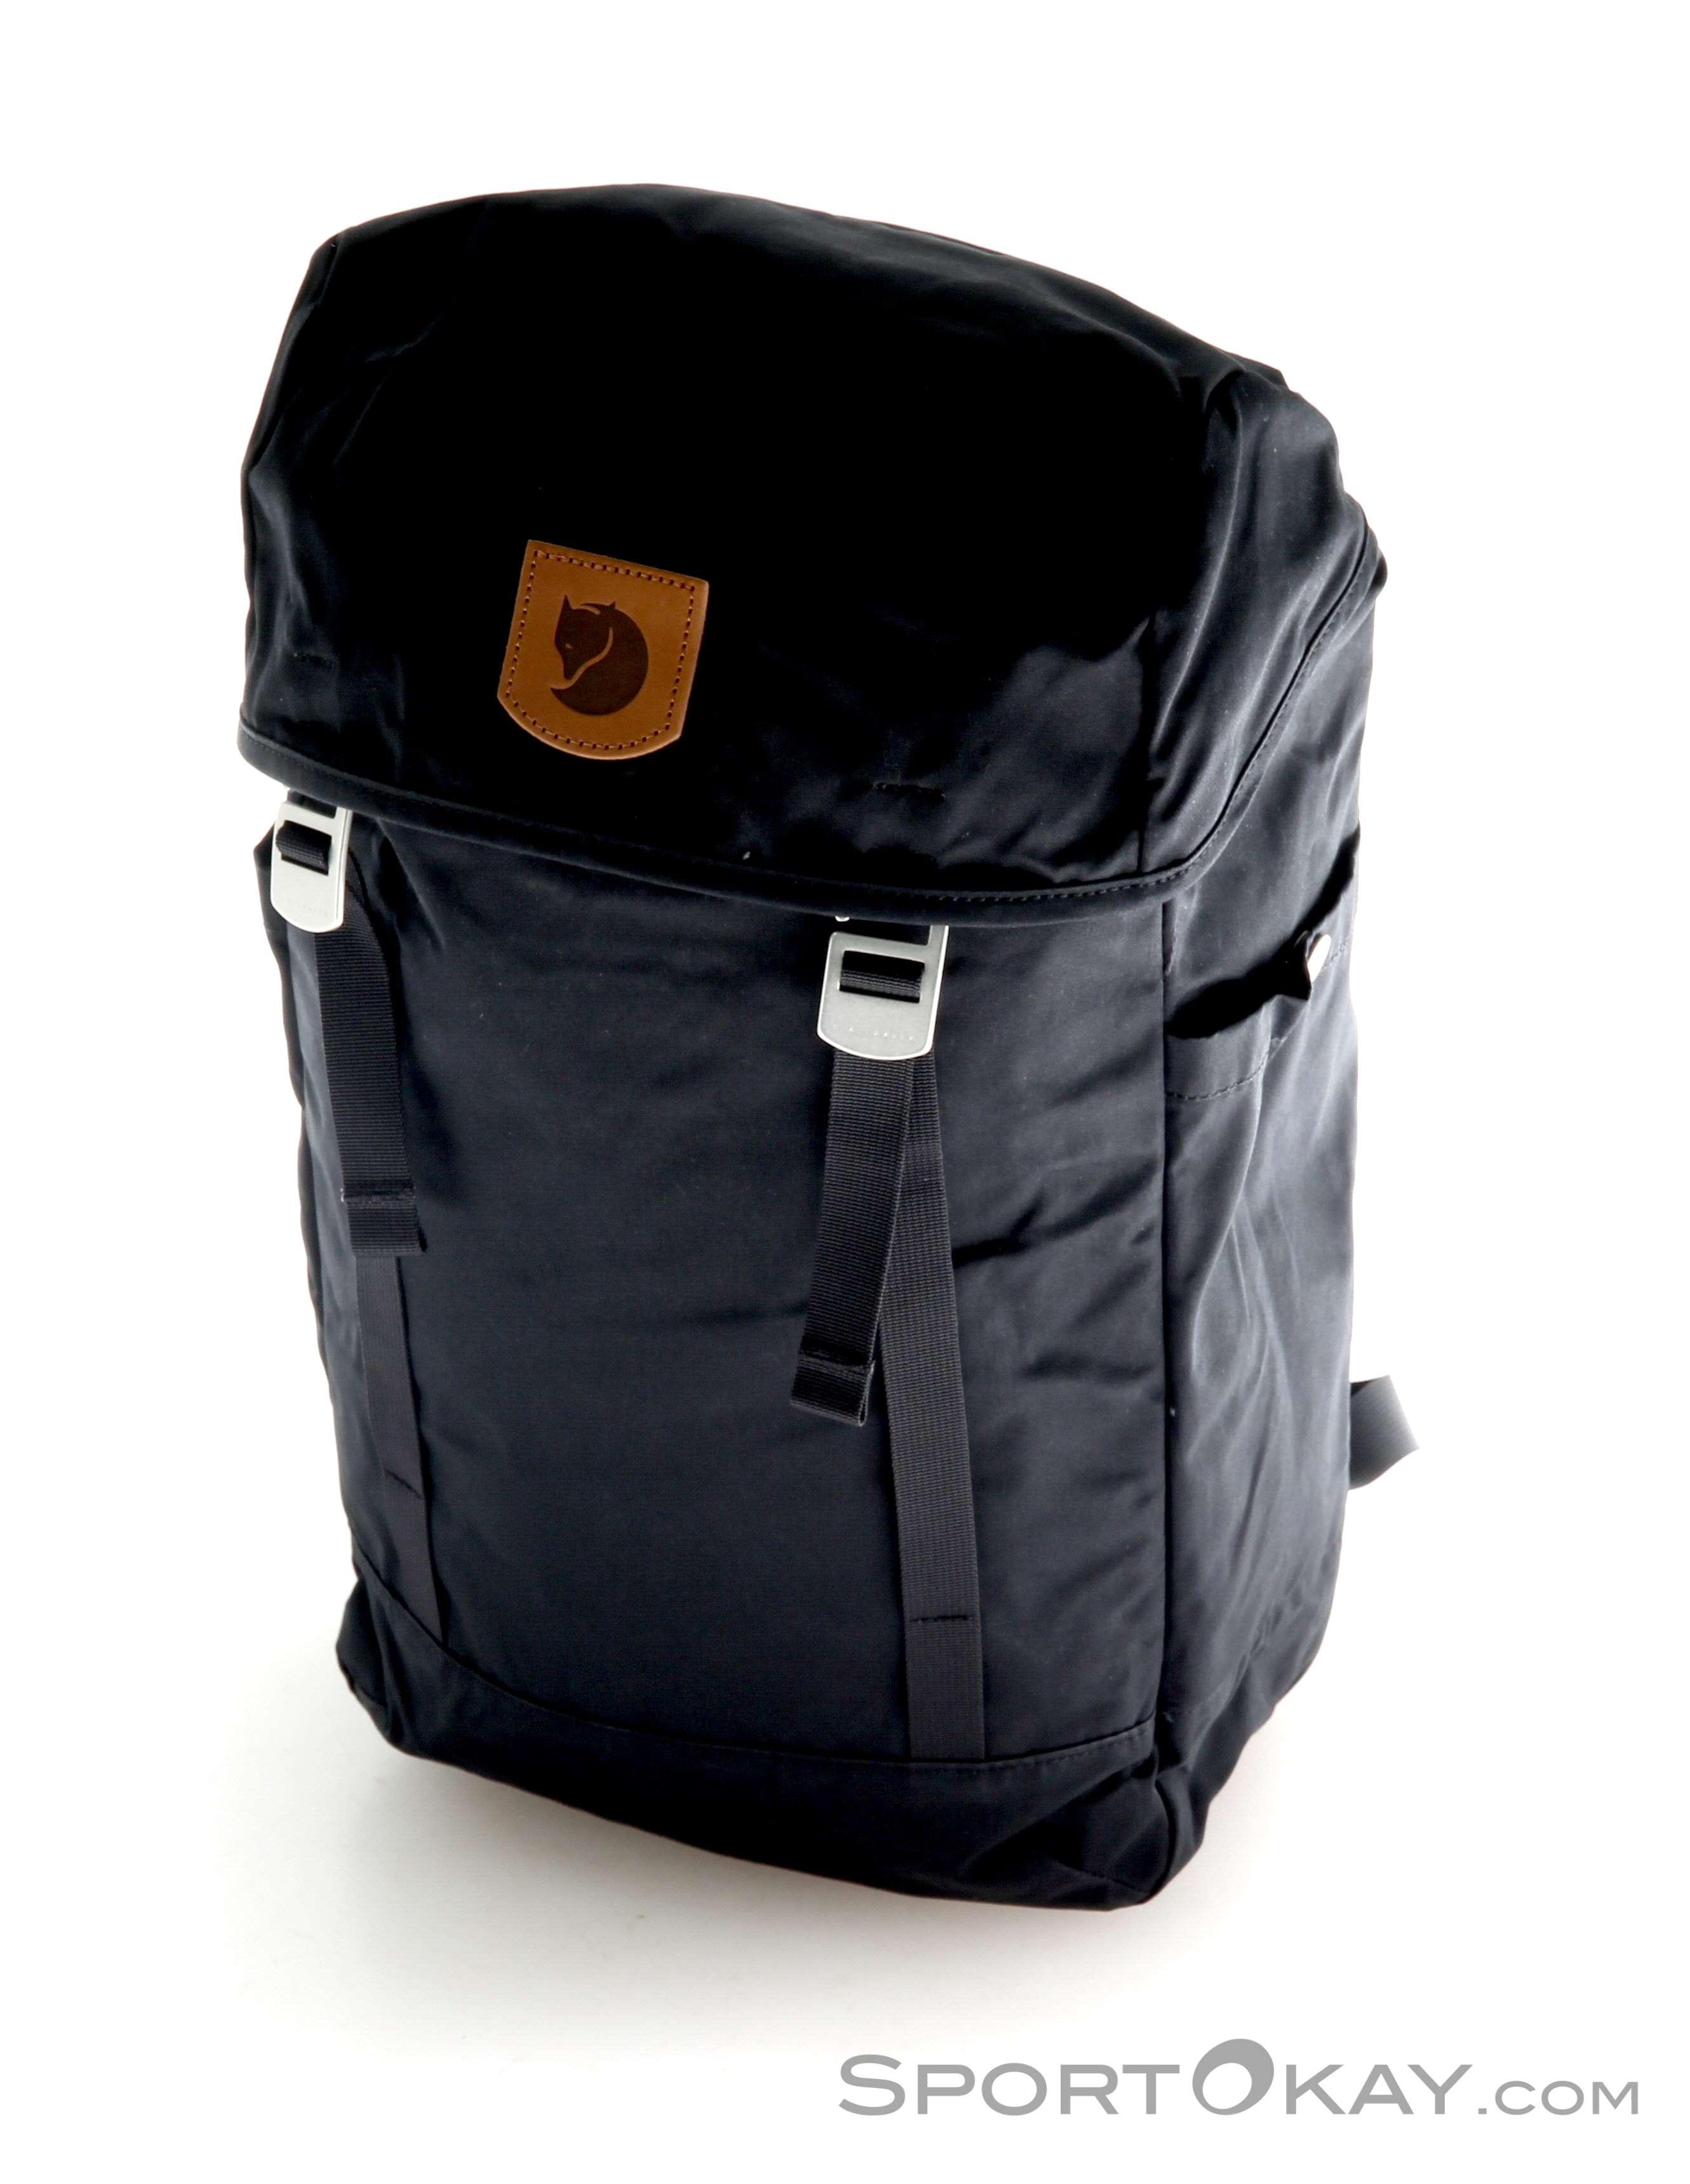 Fjllrven Greenland Top 20l Backpack Backpacks Fjallraven Dusk Black Male 0211 10162